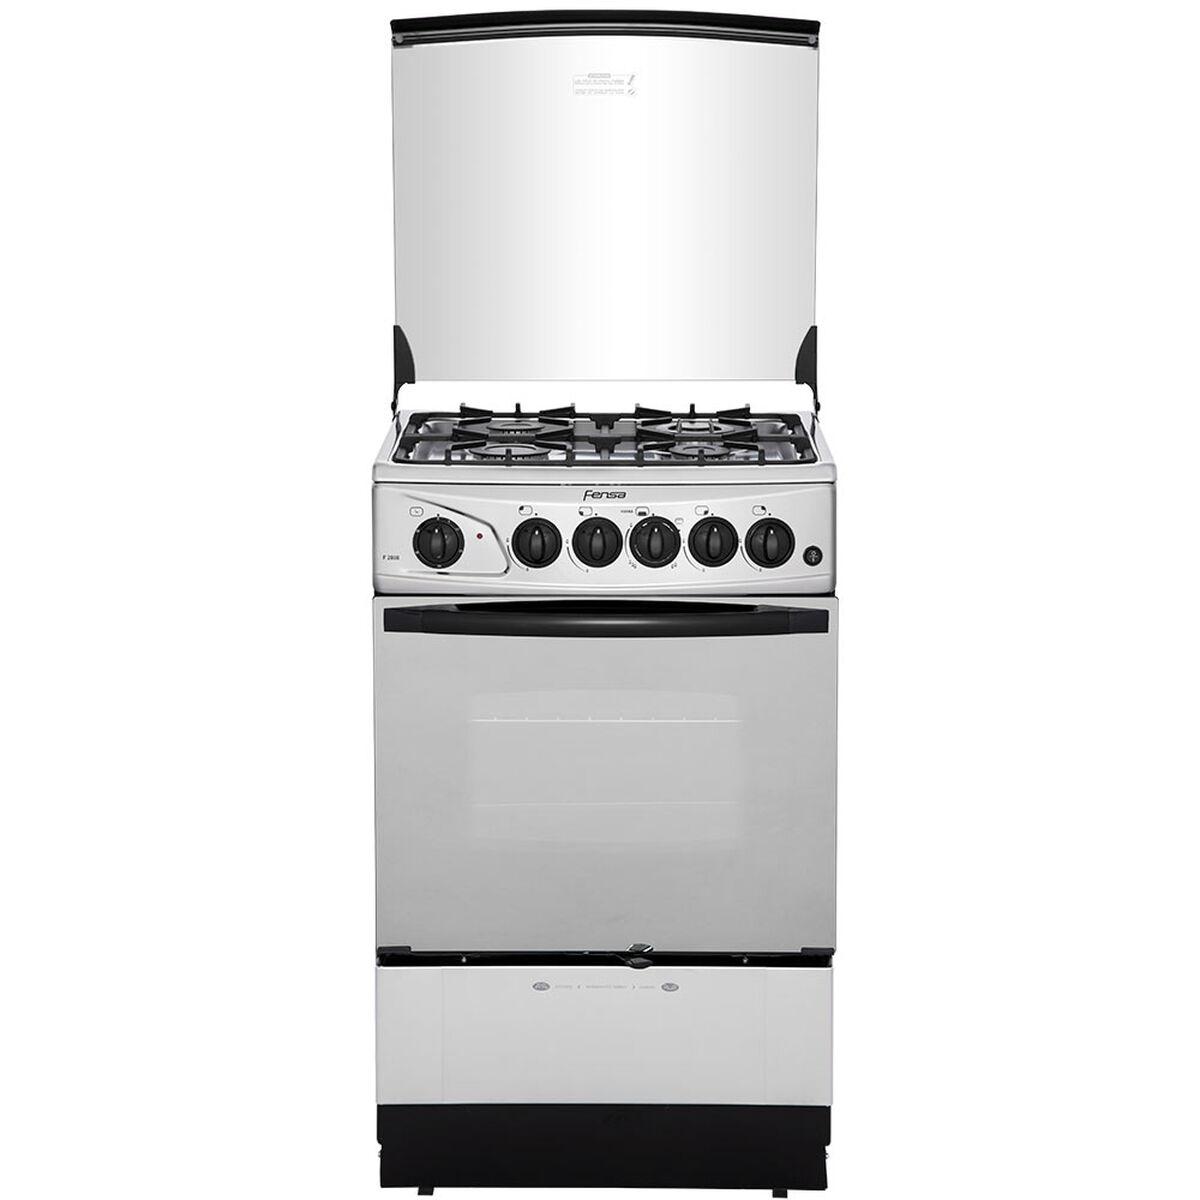 Cocina a gas Fensa F 2808 66 lt